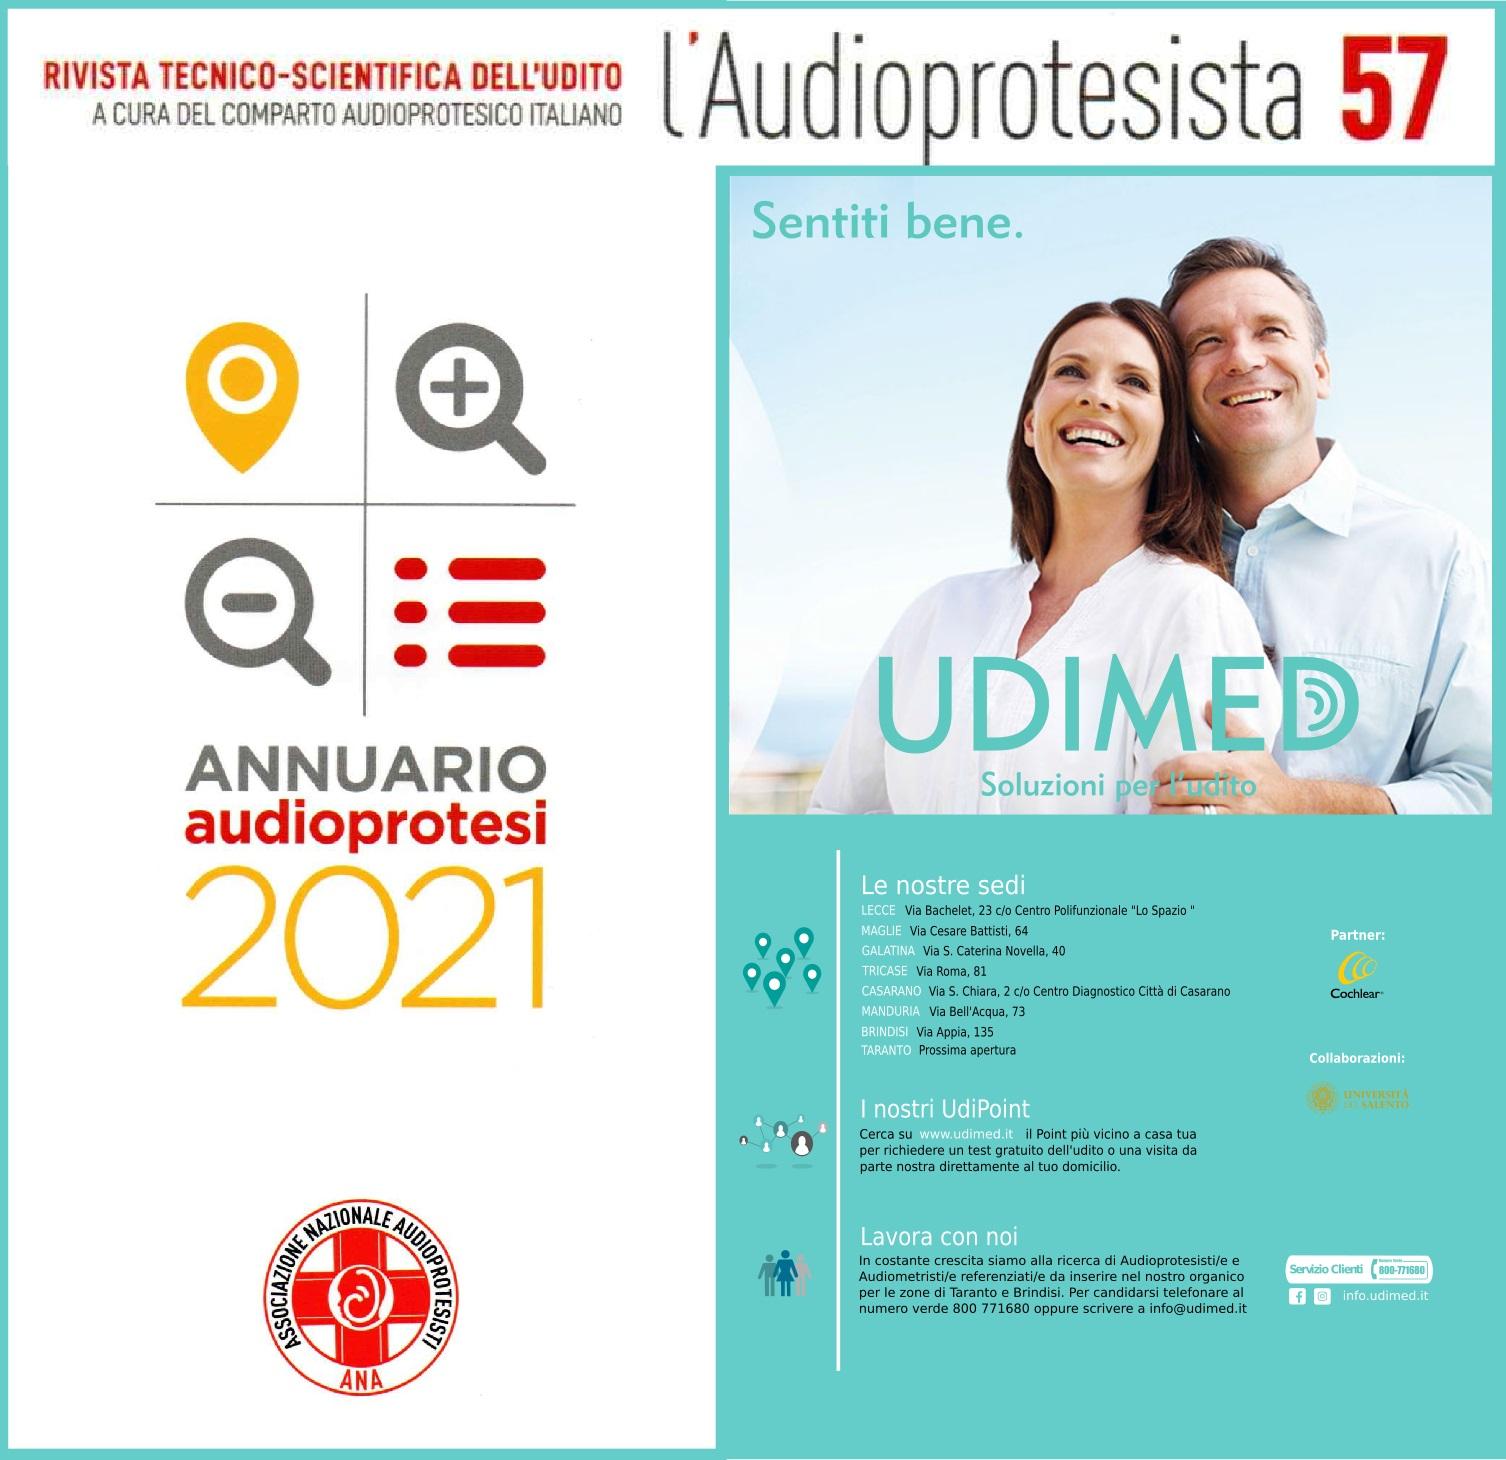 ANNUARIO 2021 AUDIOPROTESISTI